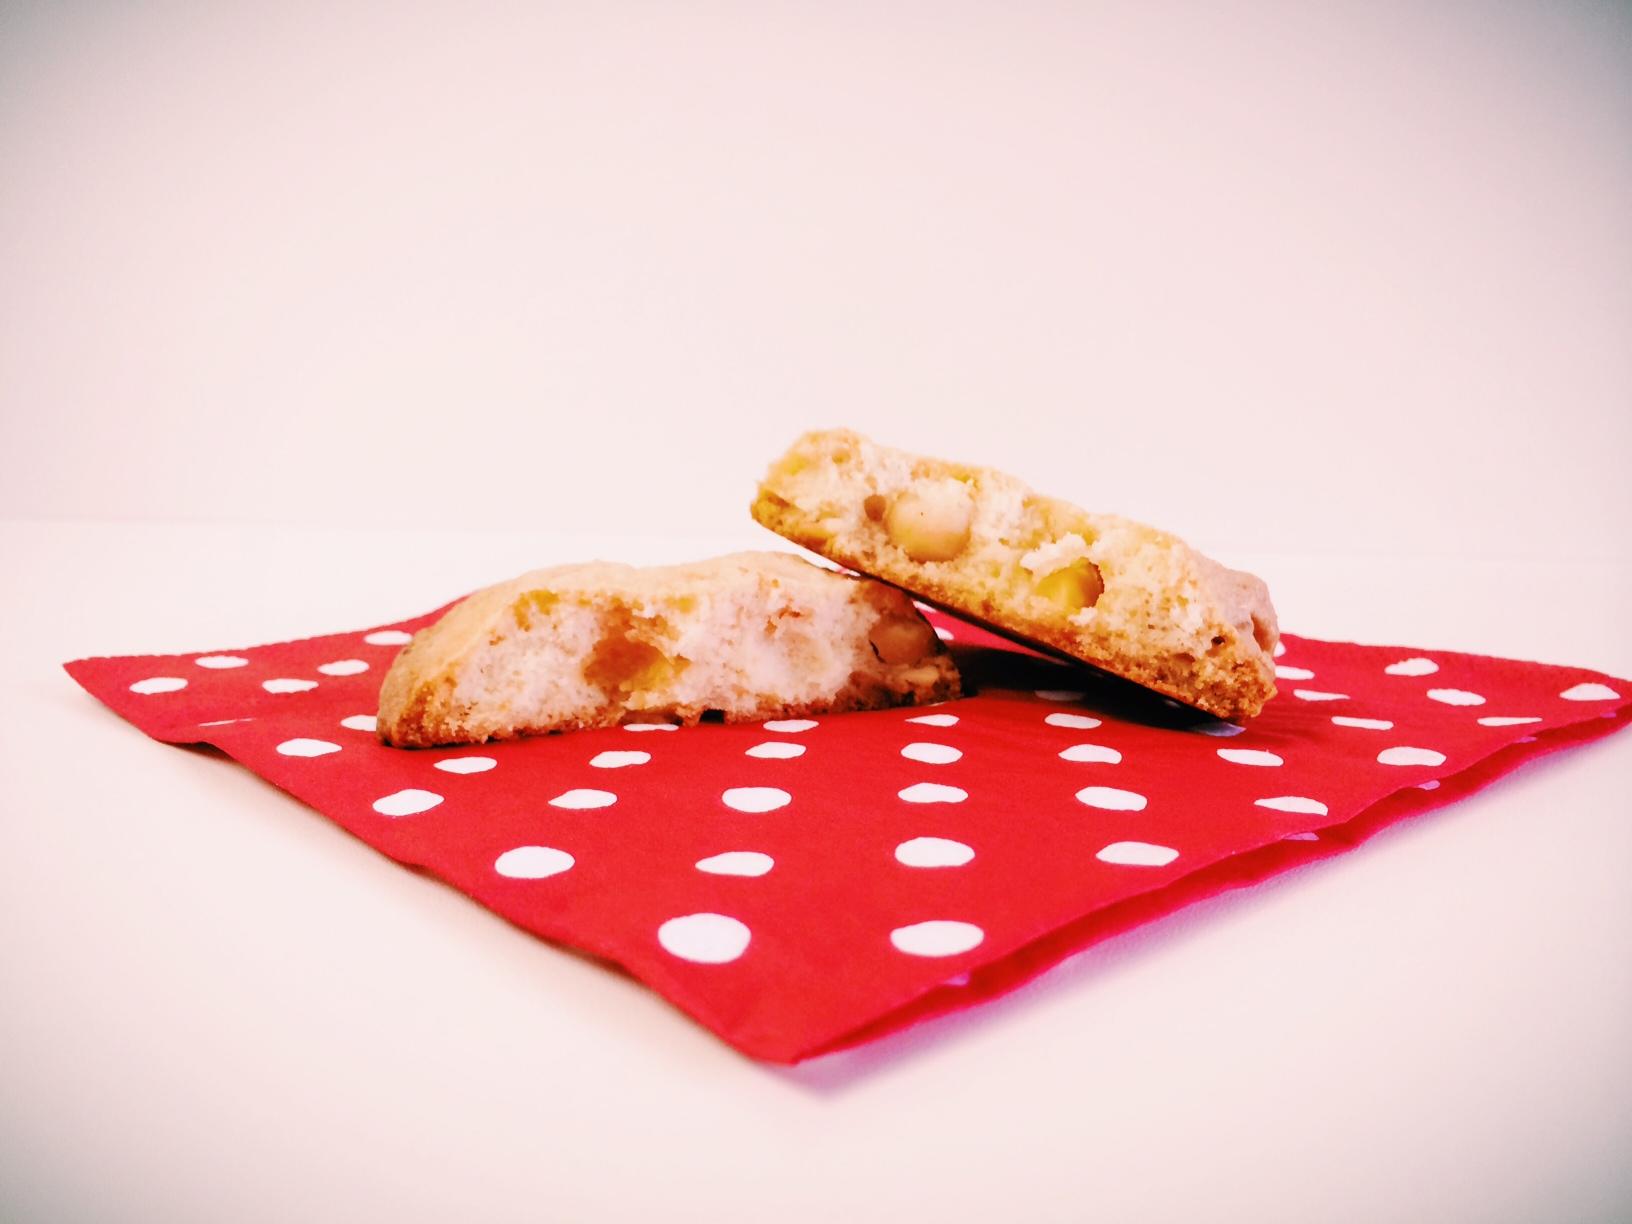 White Chocolate Cookies mit gesalzenen Macadamia-Nüssen oder die Perfektion an sweet & salty